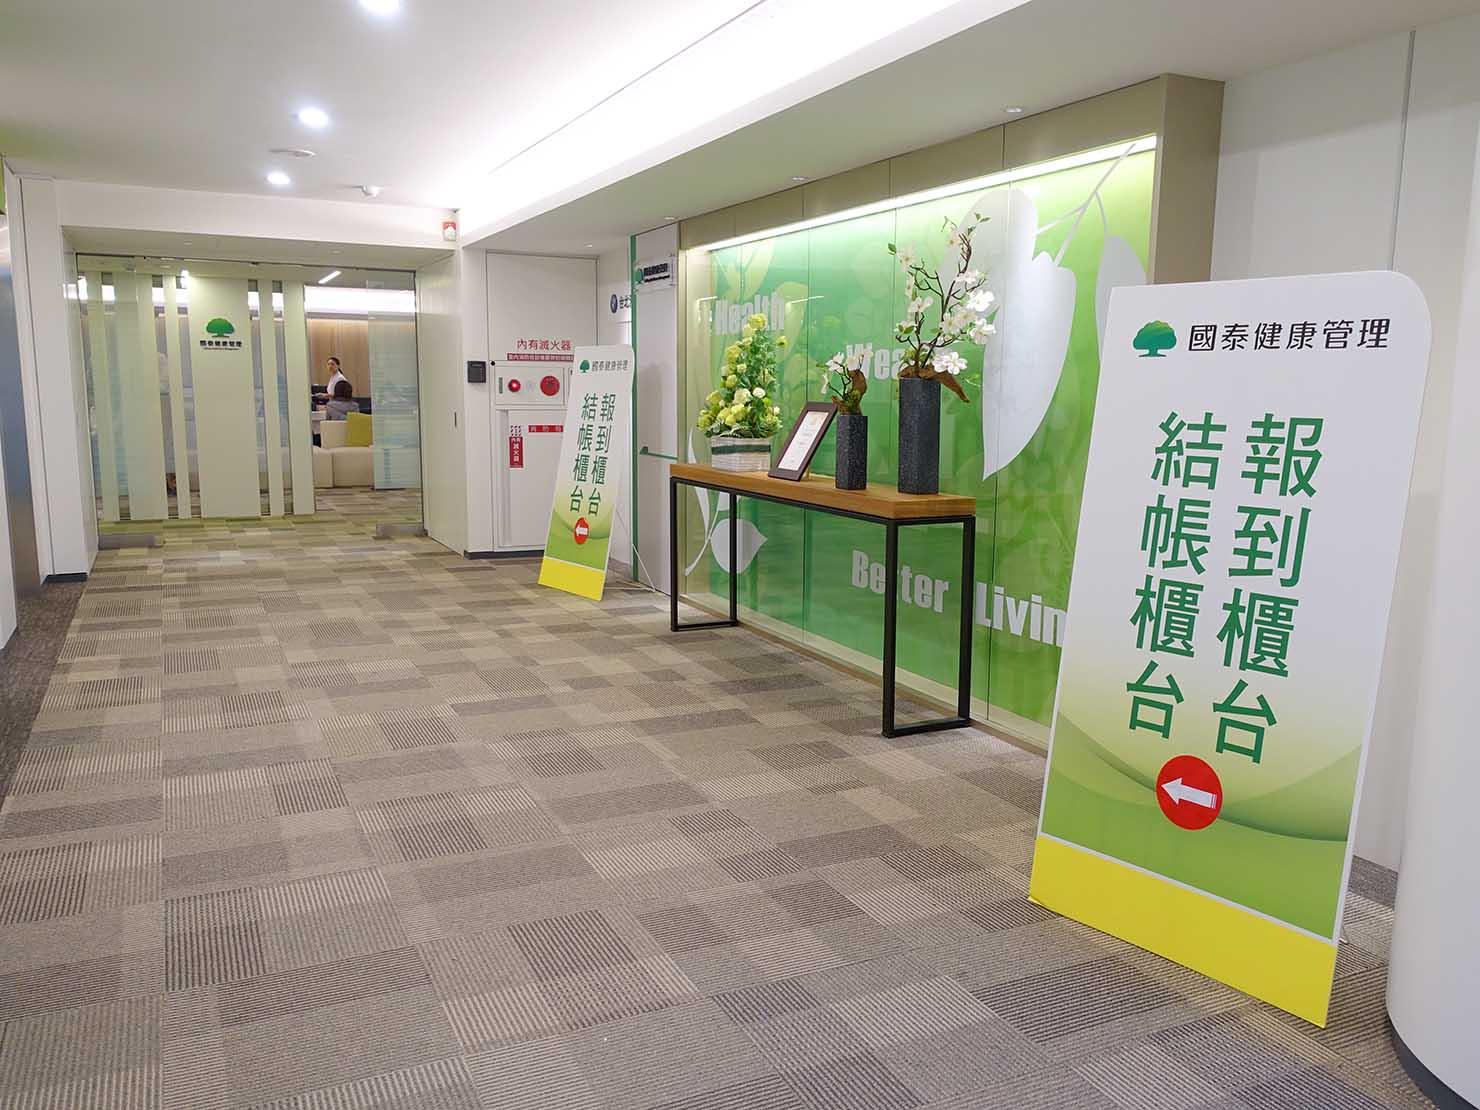 台湾の健康診断センター「國泰健康管理」のエレベーターホール